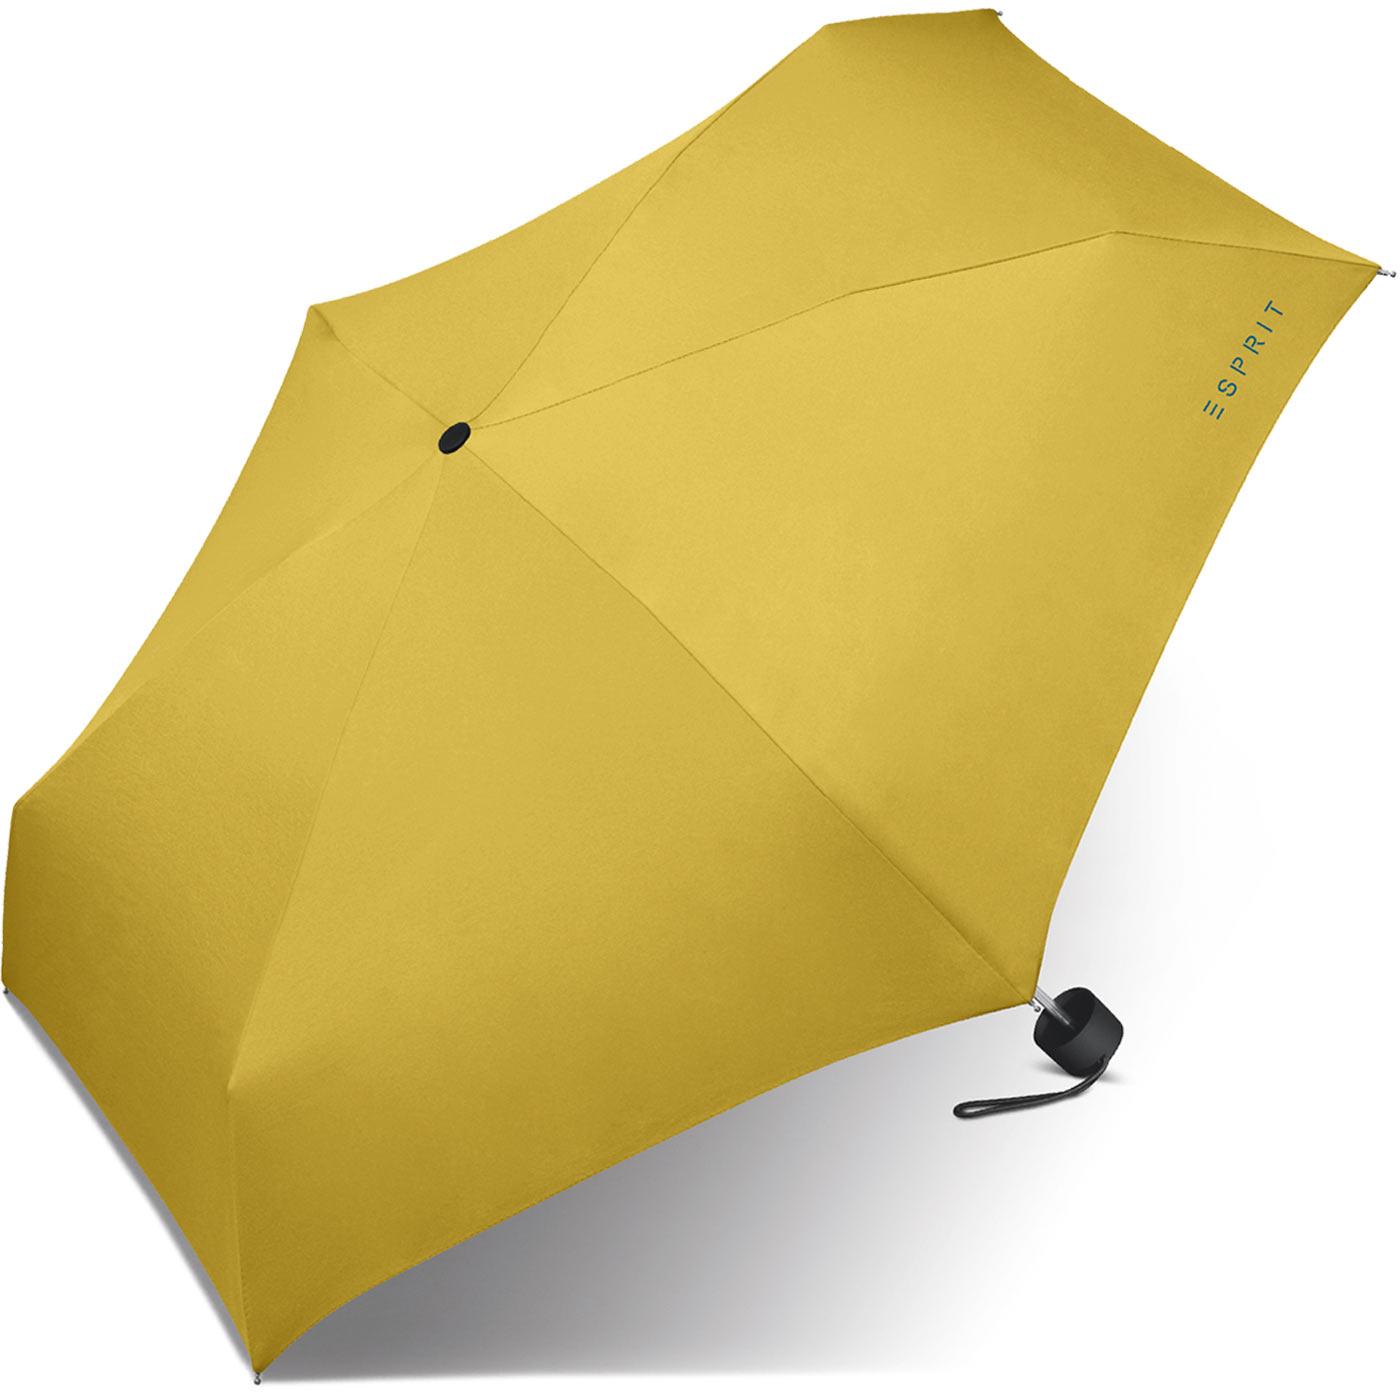 Kleidung & Accessoires Niedrigerer Preis Mit Esprit Petito Minischirm Regenschirm Flashstripe Yellow